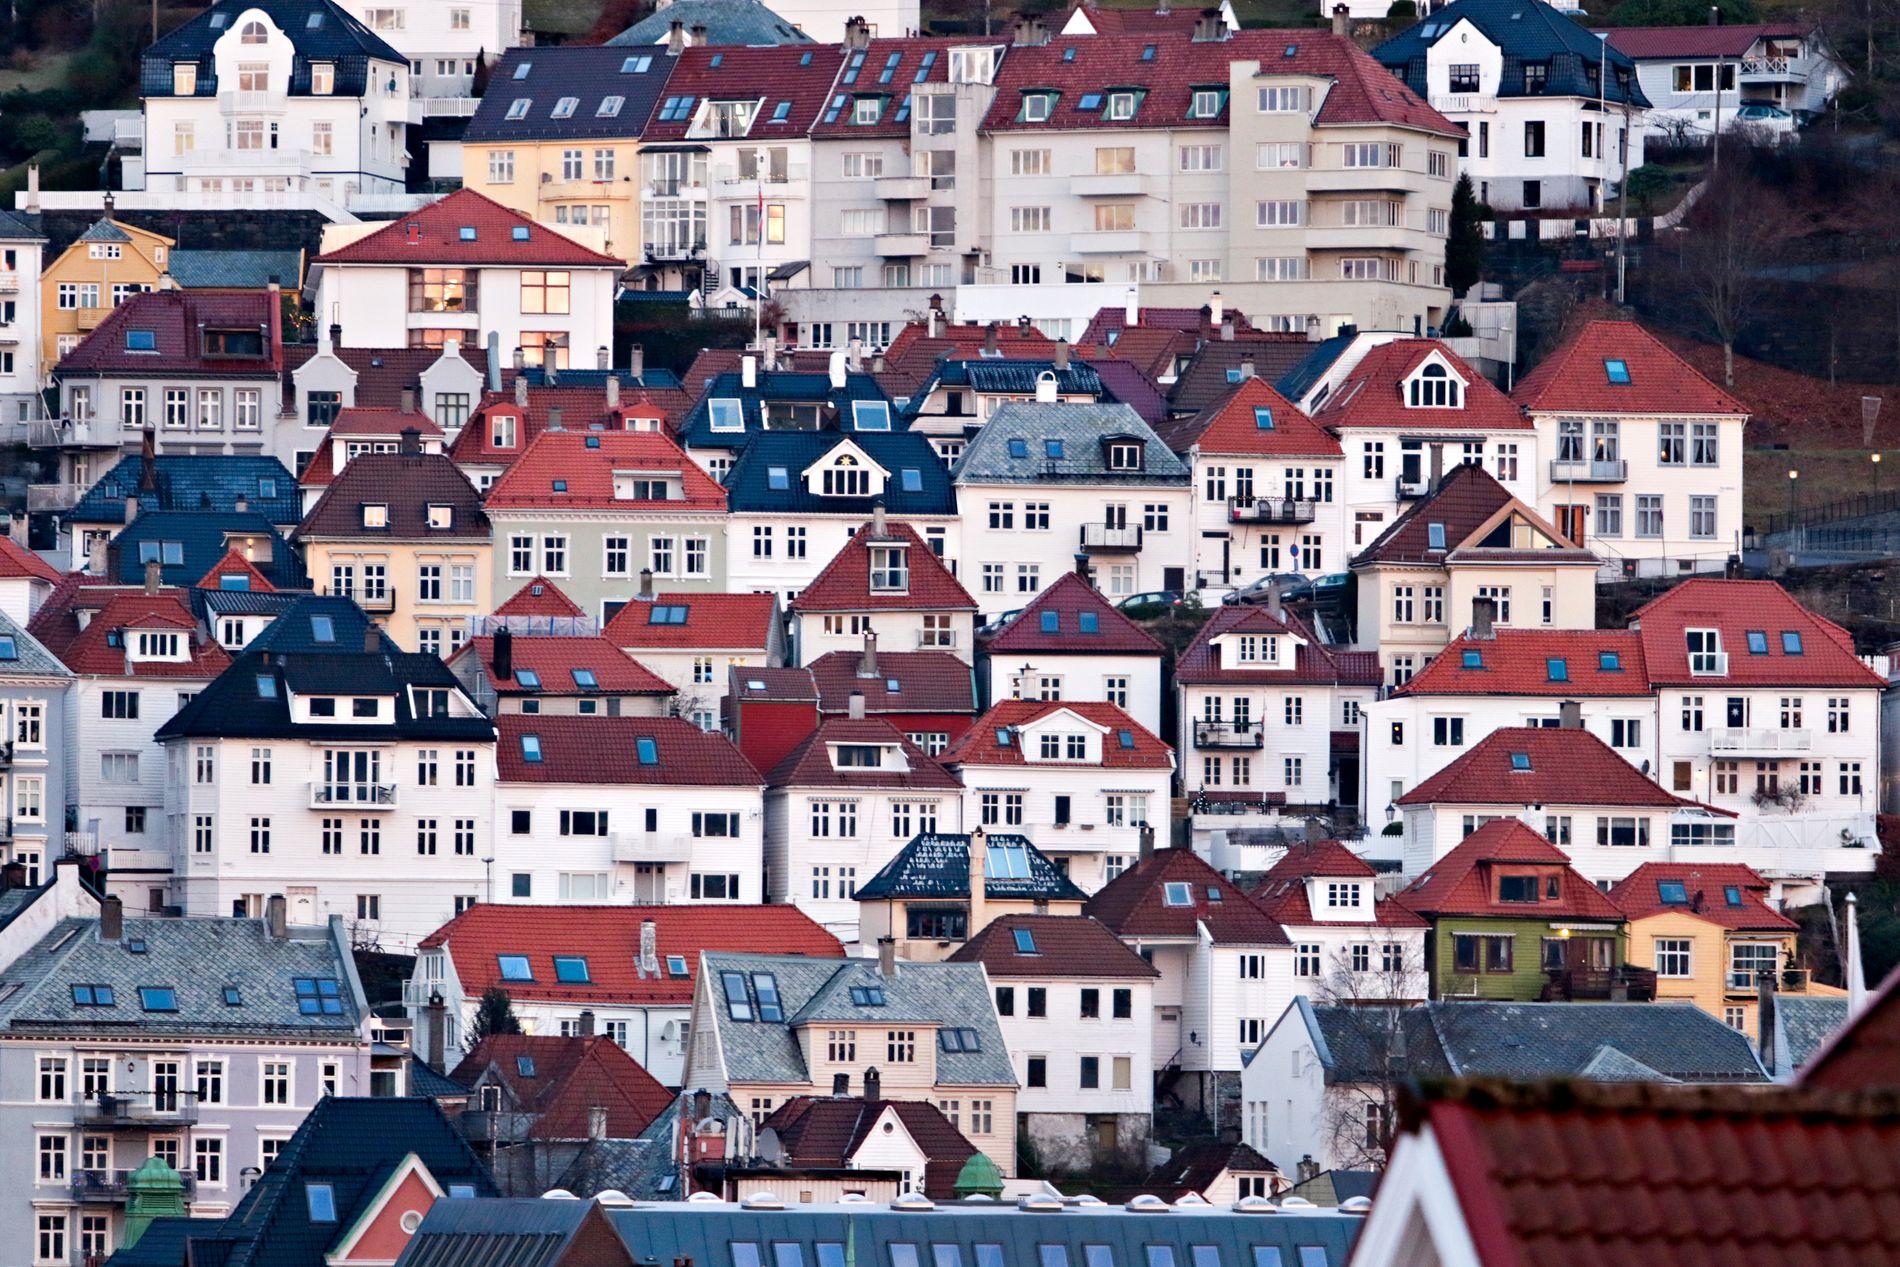 FORTETTING: Vi må legge til rette for de boligene folk vil ha. Det beste klimatiltaket er å unngå transport. La så mange som mulig bosette seg i sentrum, skriver Severin Haugstad. Han er direktør for økonomi og eiendom i Jægergruppen, men skriver som privatperson.